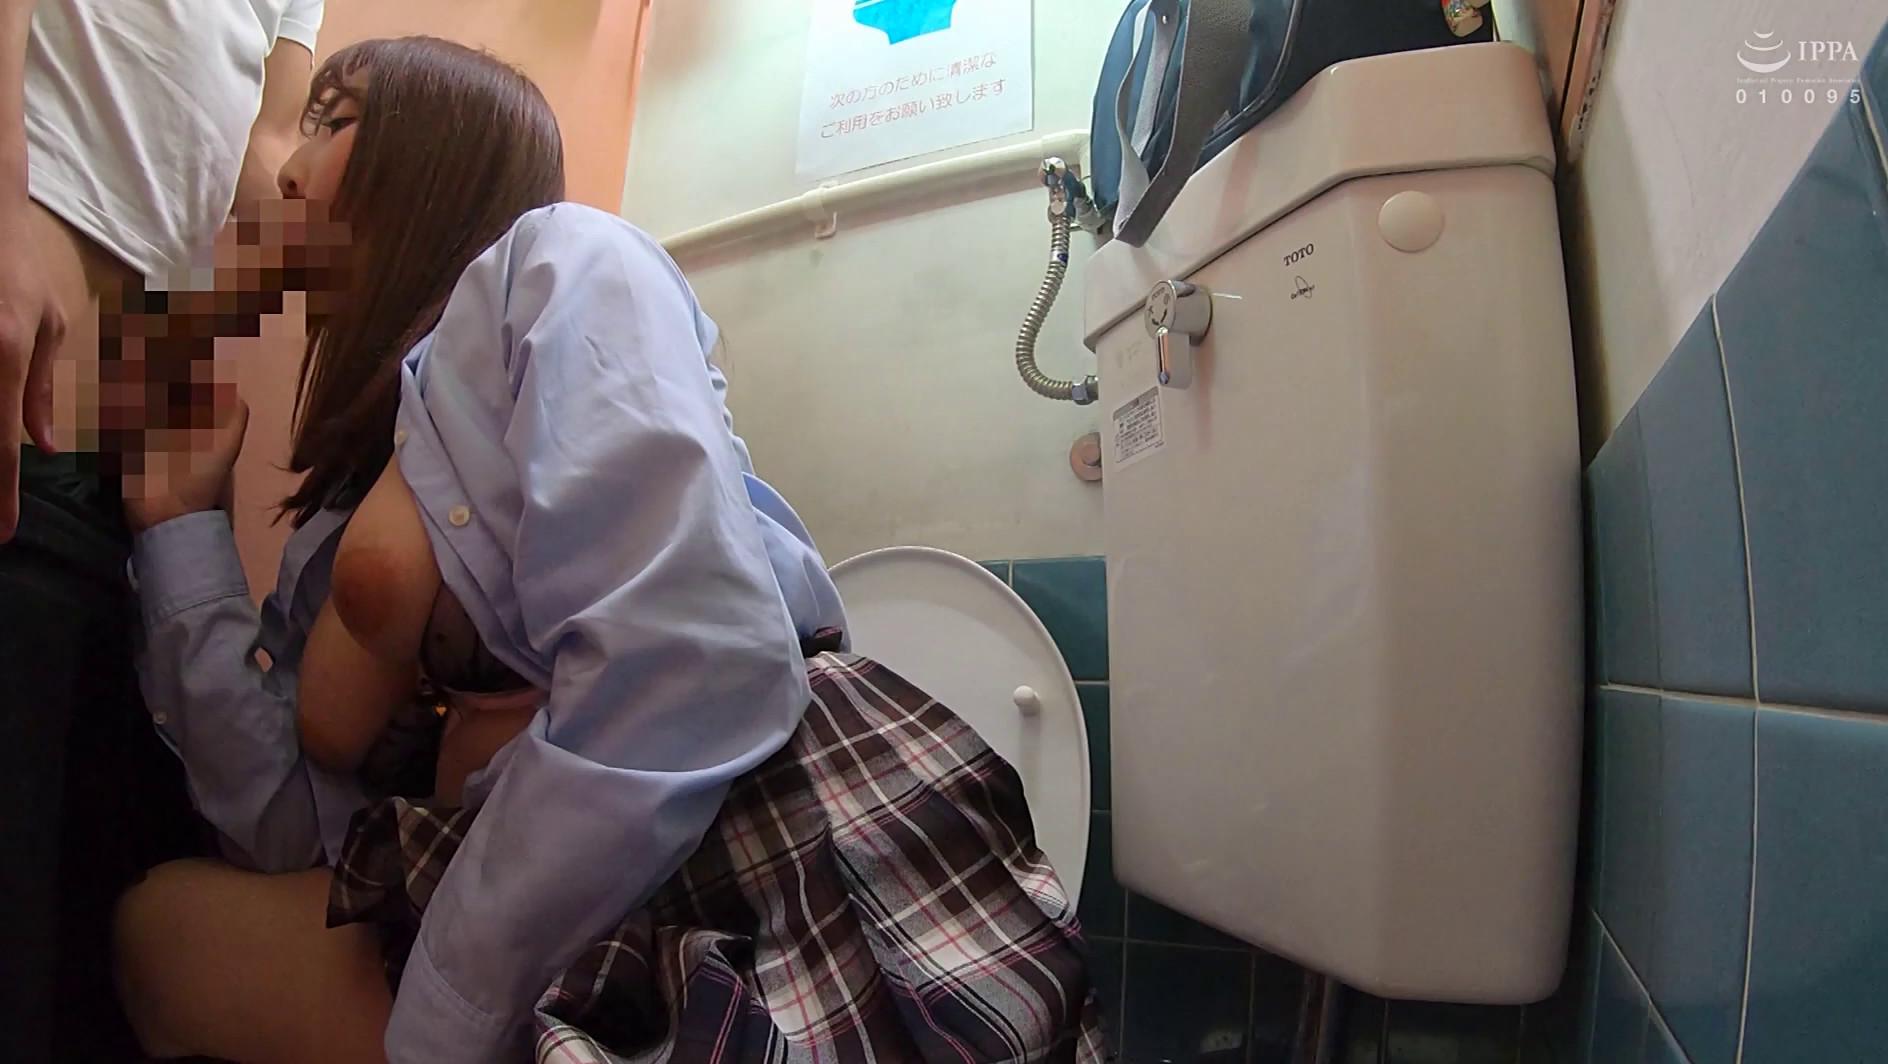 女子○生 トイレSEX盗撮 187分,のサンプル画像16